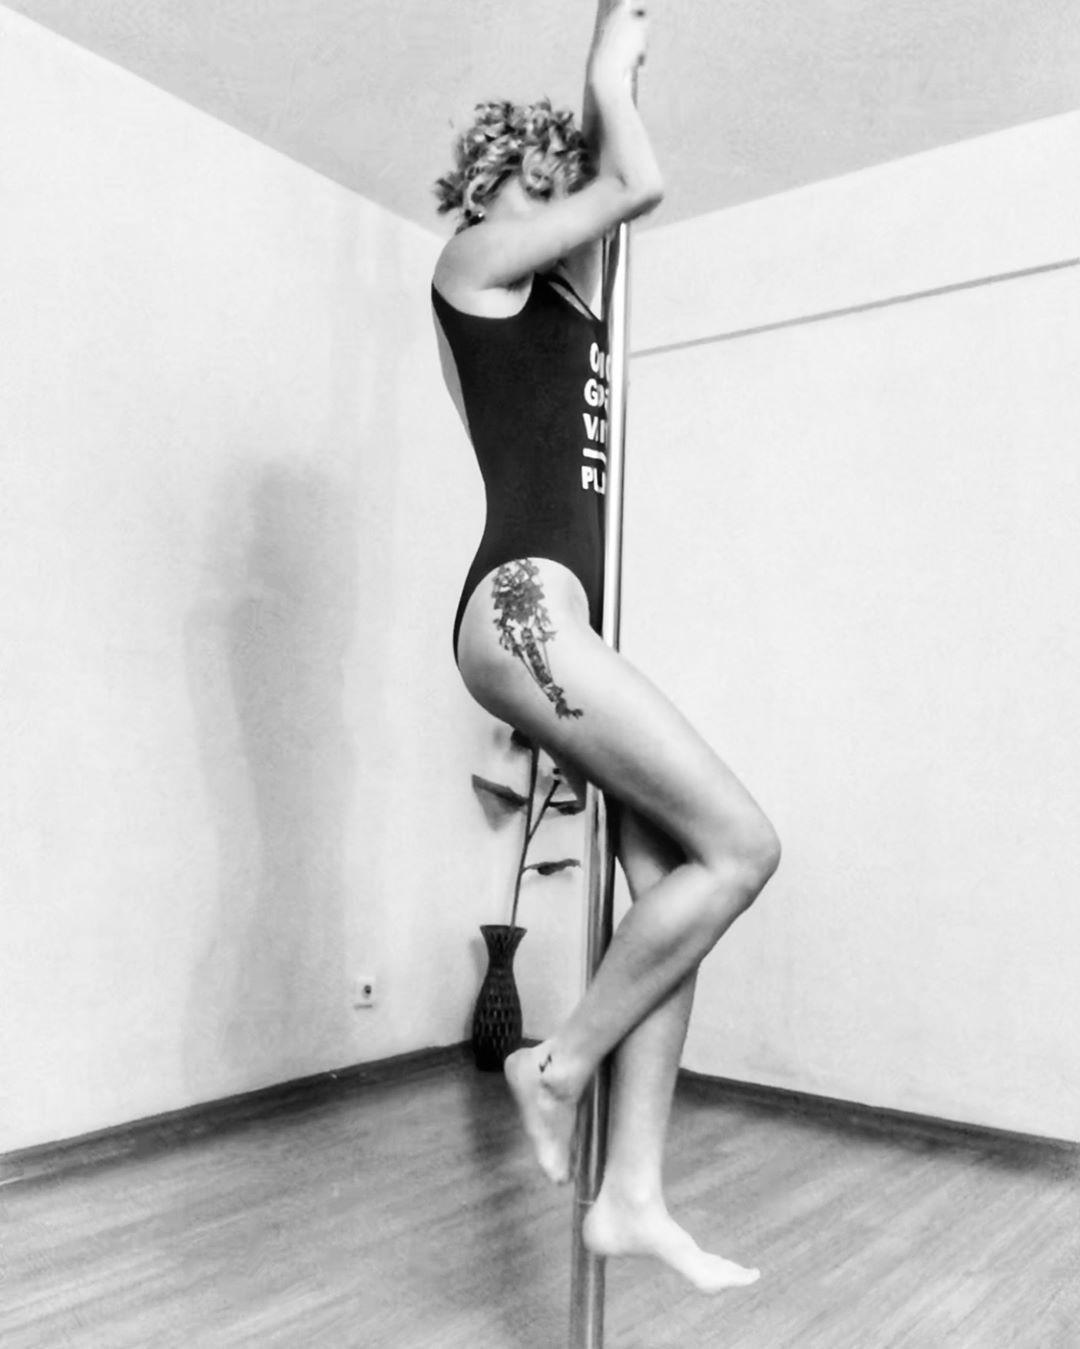 Güliz Ayla'dan yeni direk dansı pozu! Olay oldu - Sayfa 1